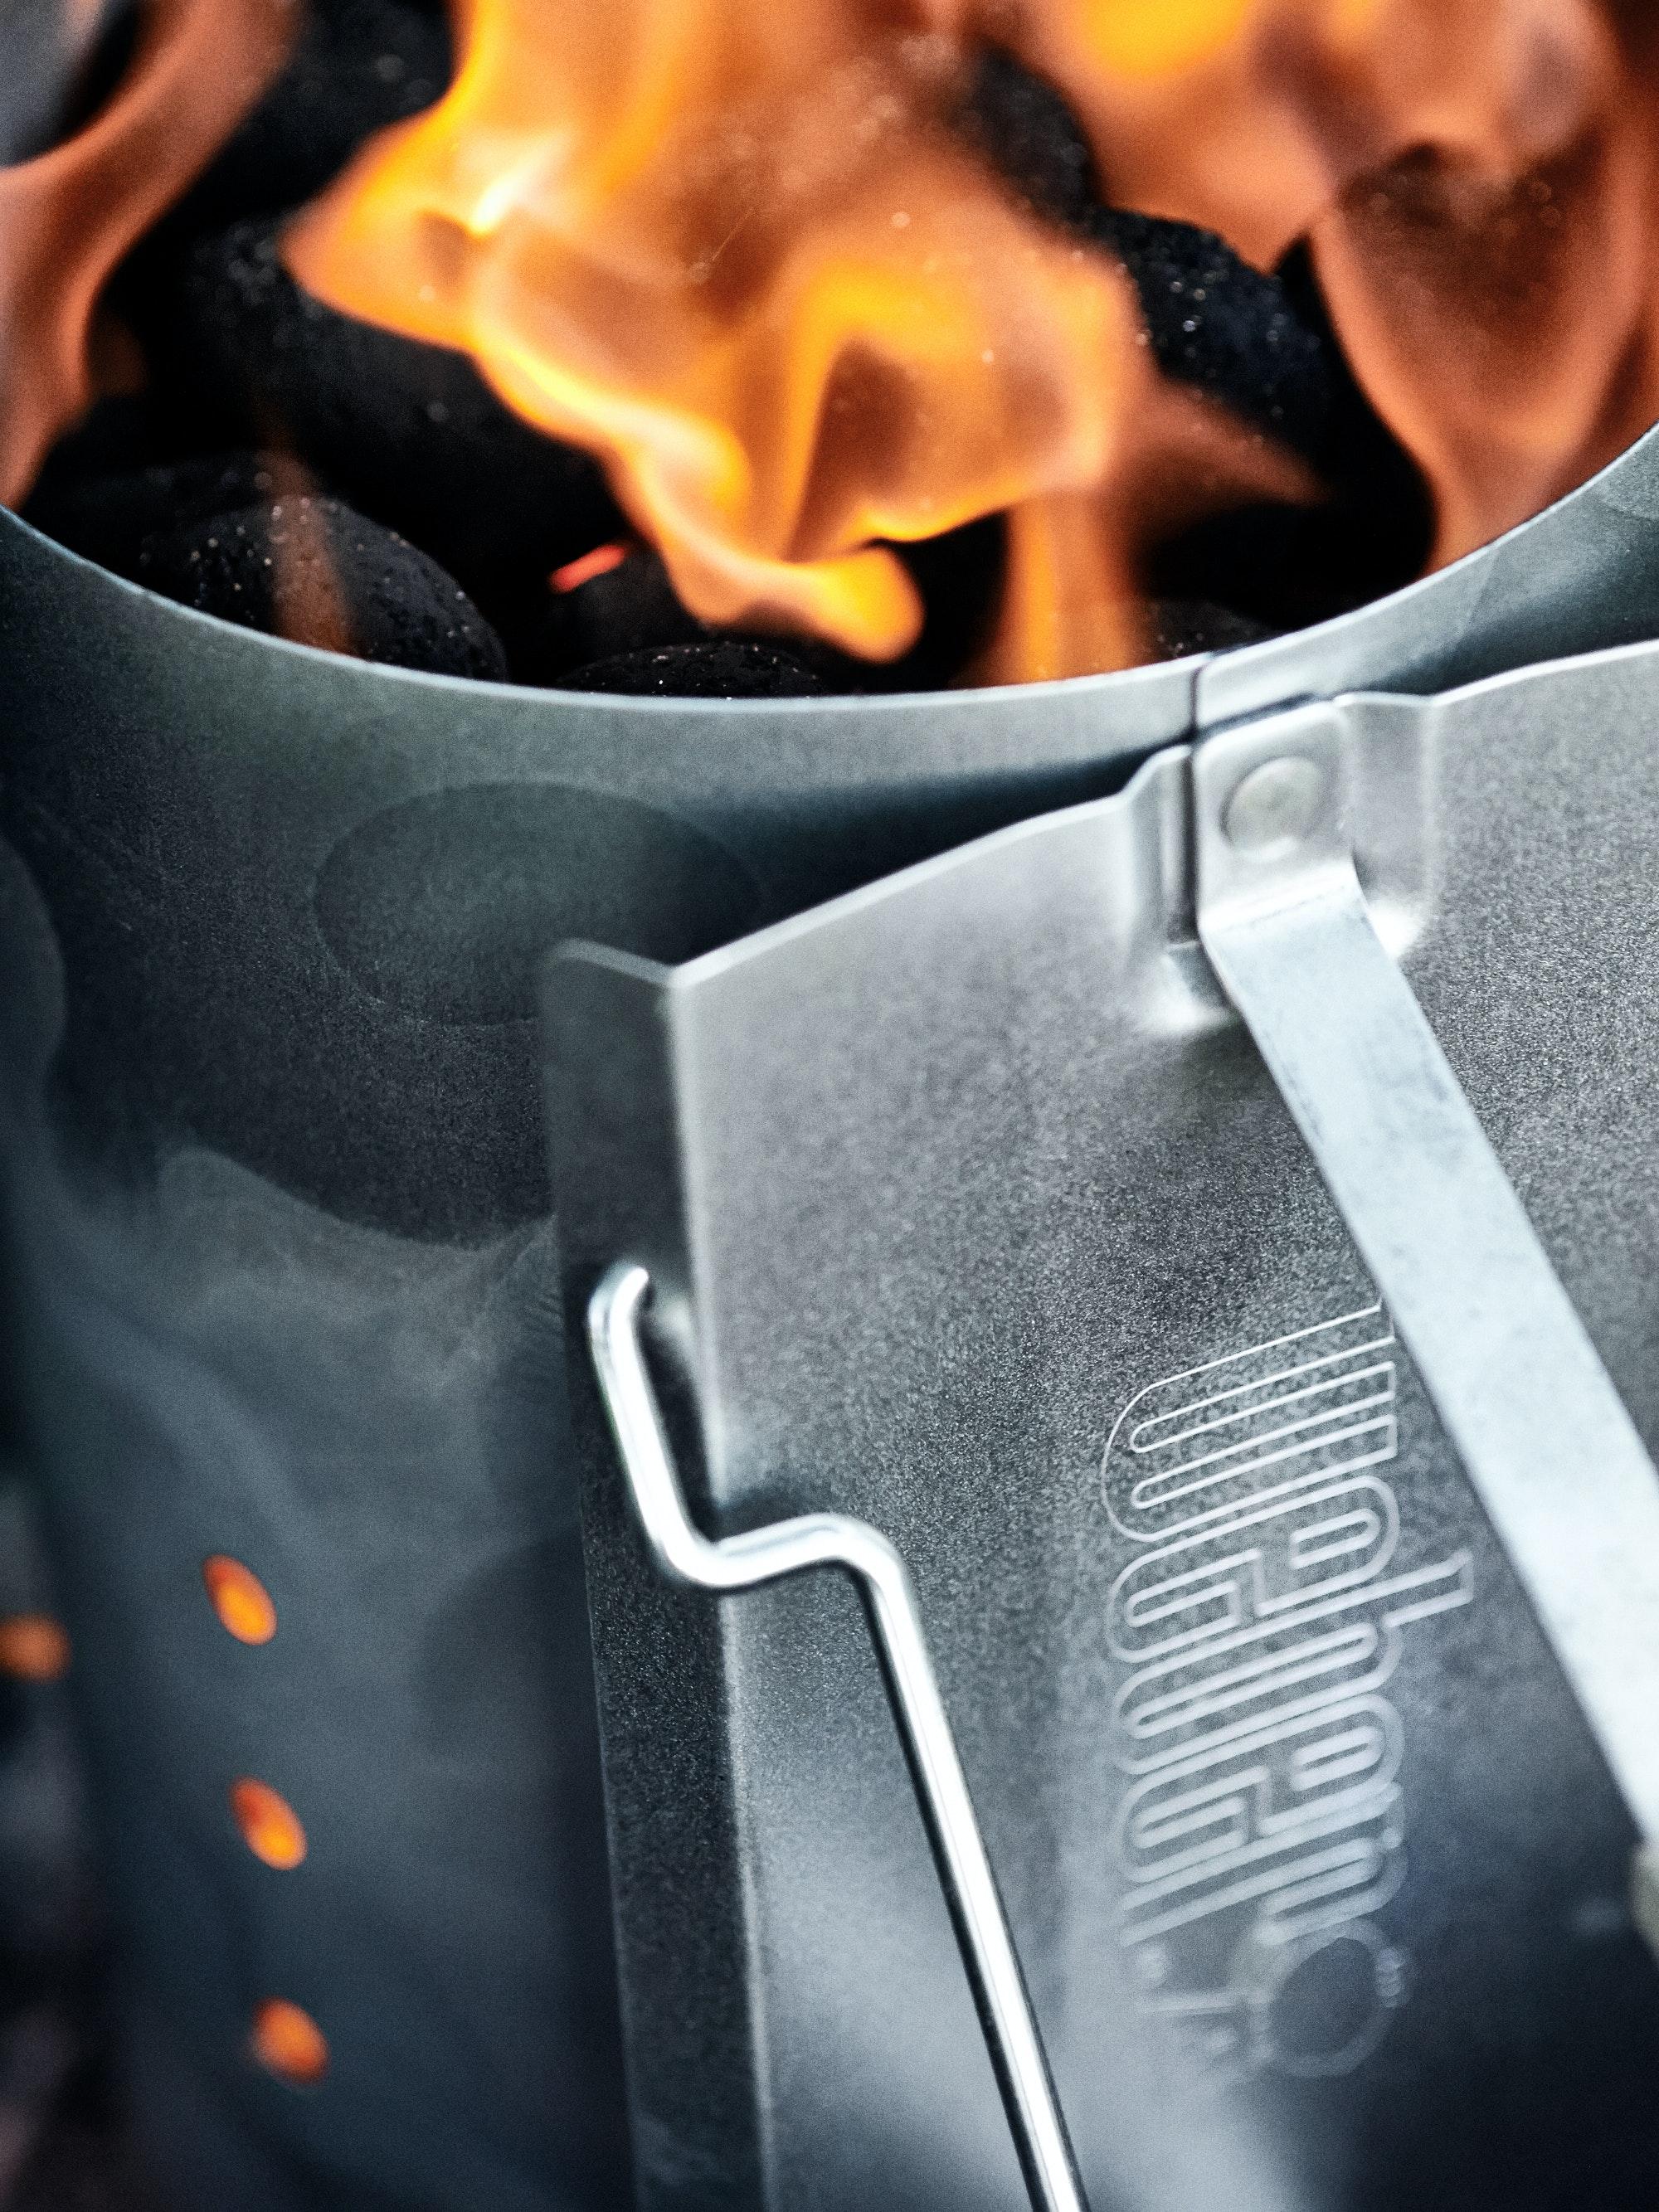 Grill Anzunden Mit Kamin Grill Anzunden Kohle Und Briketts Zum Gluhen Bringen